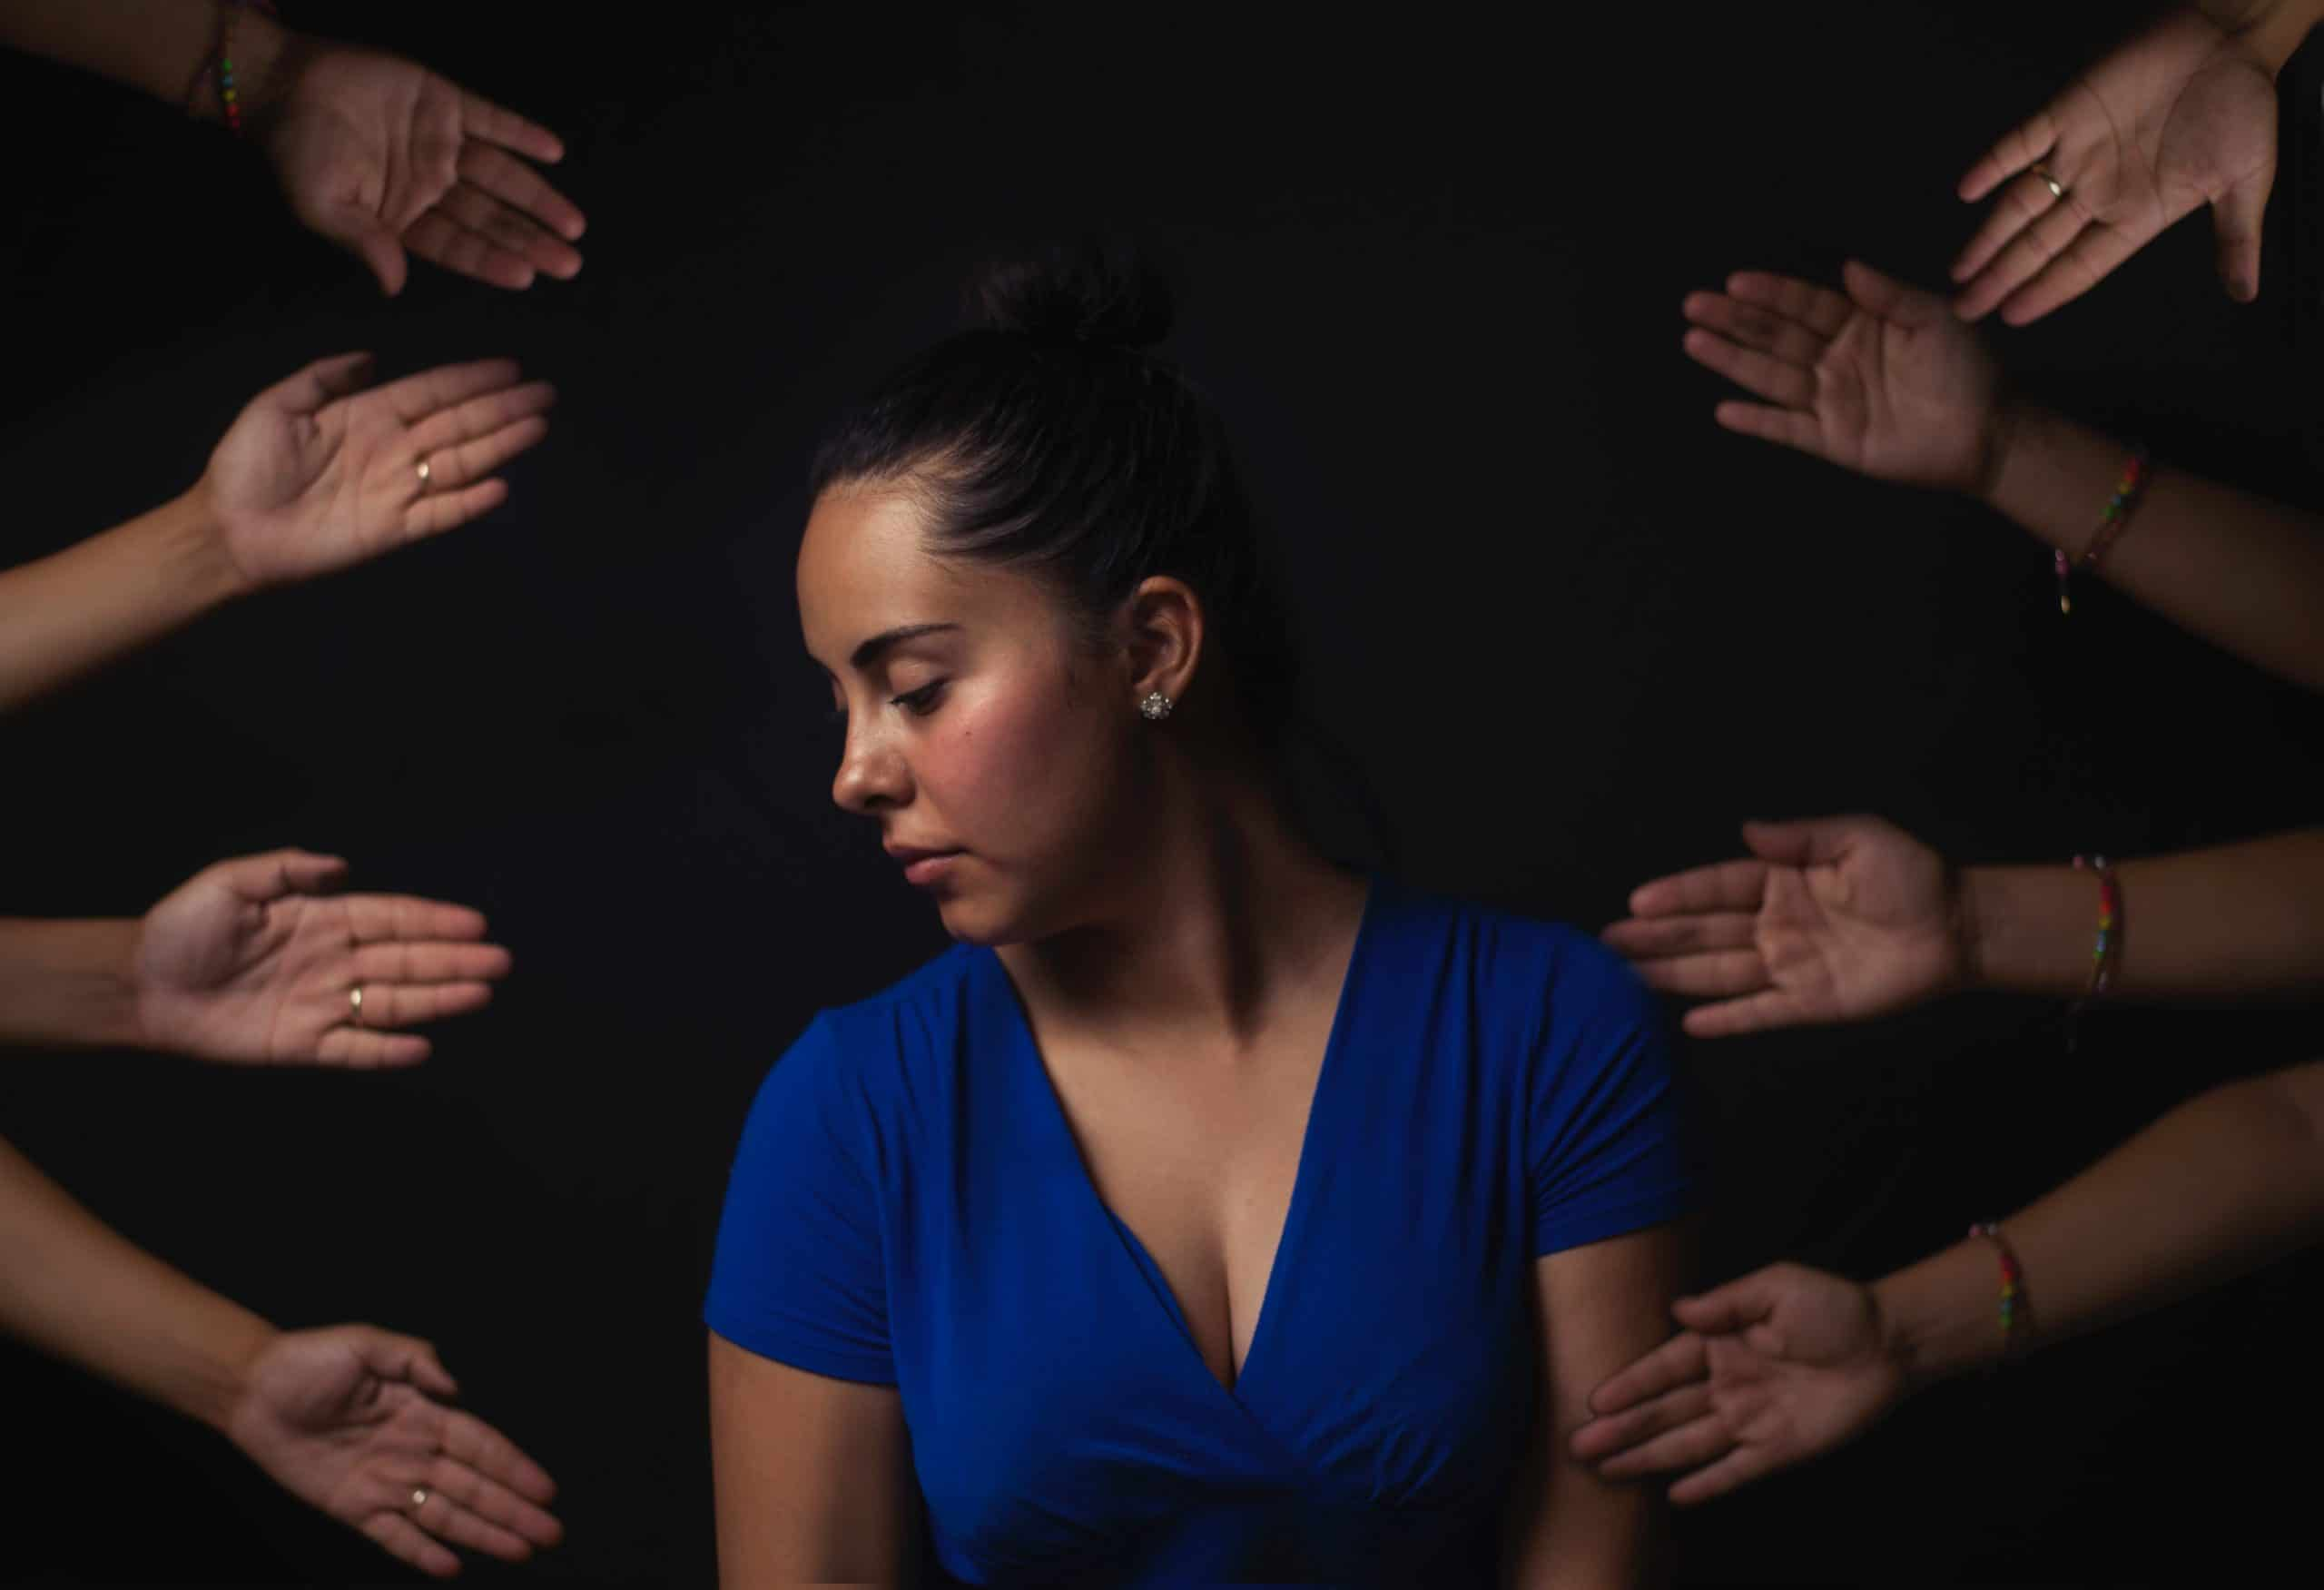 Mulher tensa com mãos à sua volta